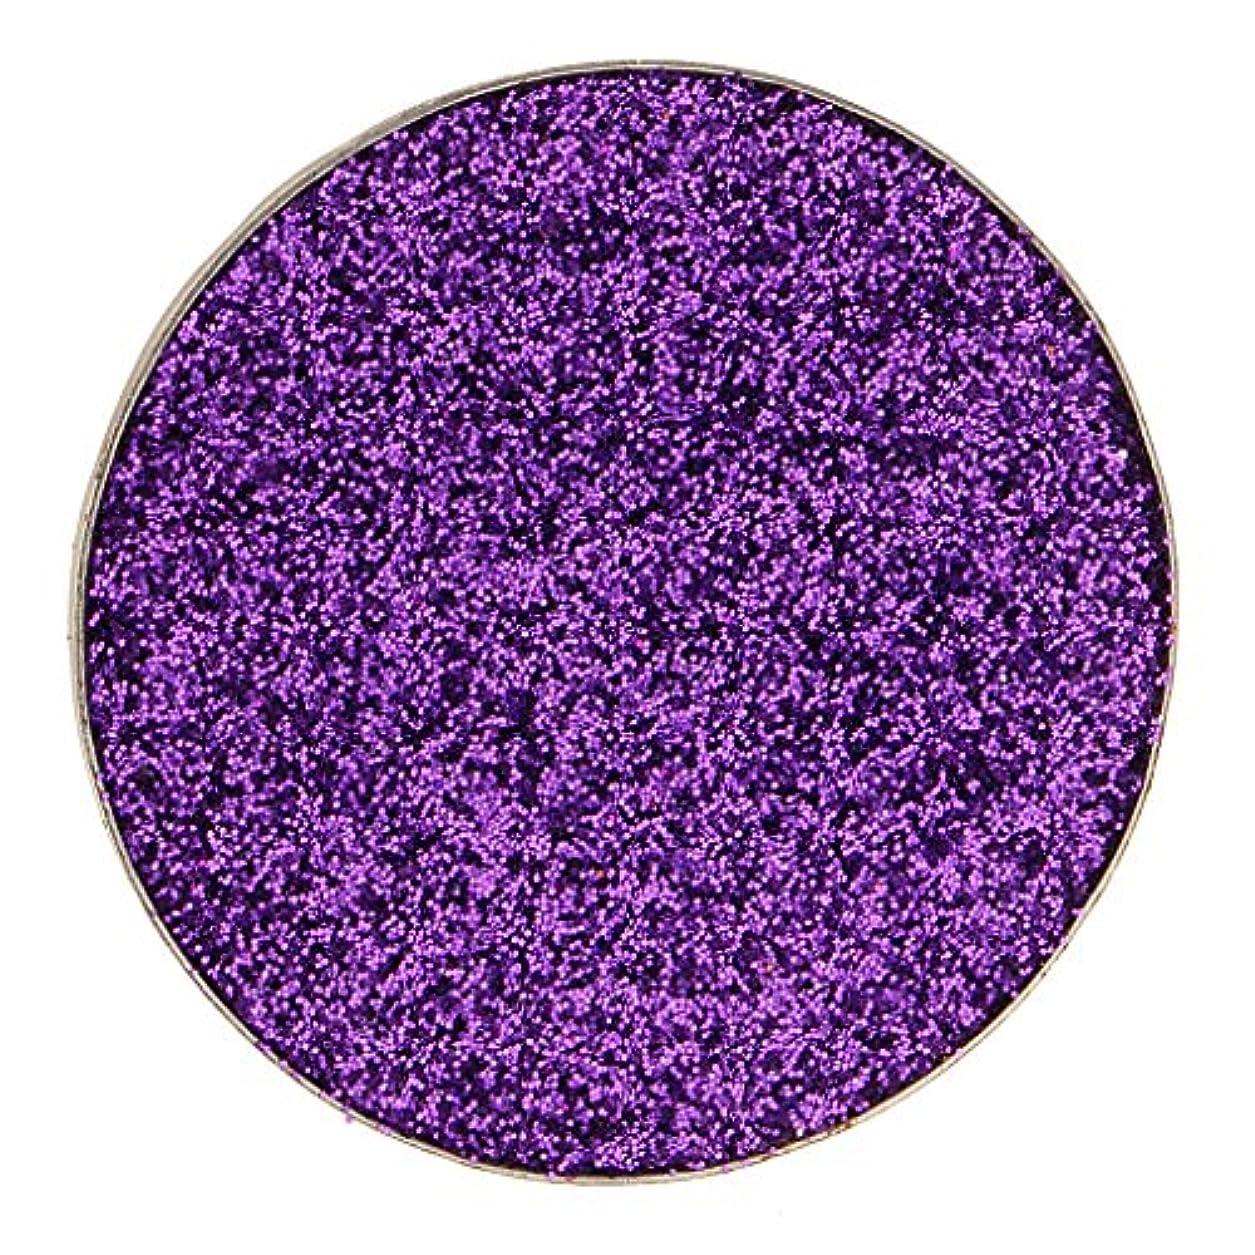 無効にする足枷ナインへダイヤモンド キラキラ シマー メイクアップ アイシャドウ 顔料 長持ち 滑らか 全5色 - 紫